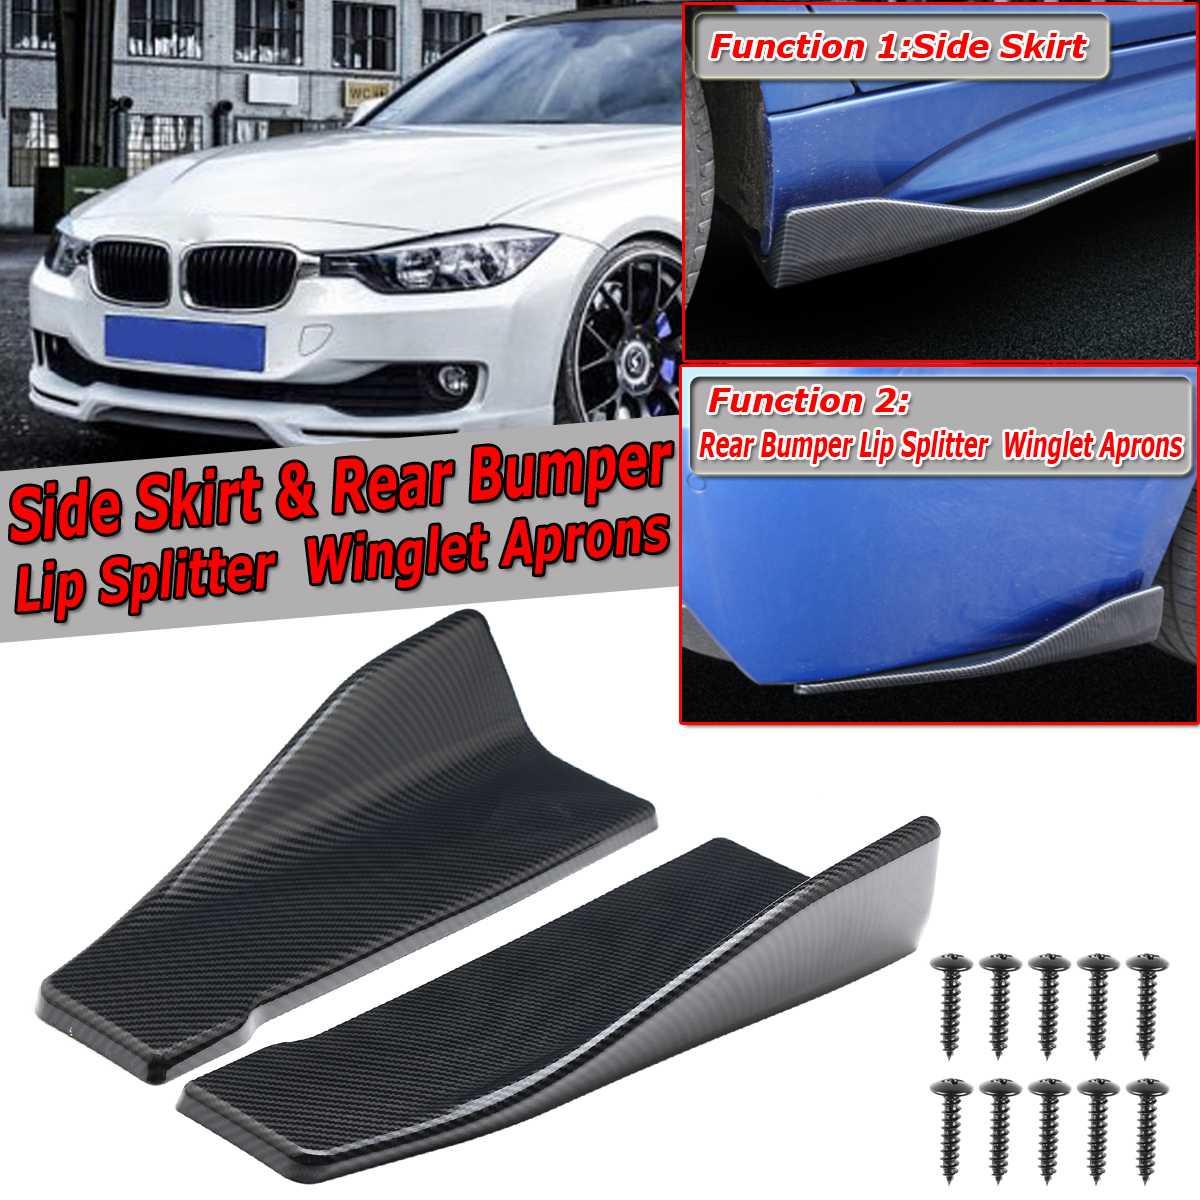 2 adet 35 cm/48 cm Evrensel Araba Yan Etek Arka Tampon Difüzör Spoiler Dudak Splitter Winglet Önlükleri karbon Fiber Için BMW Için Benz